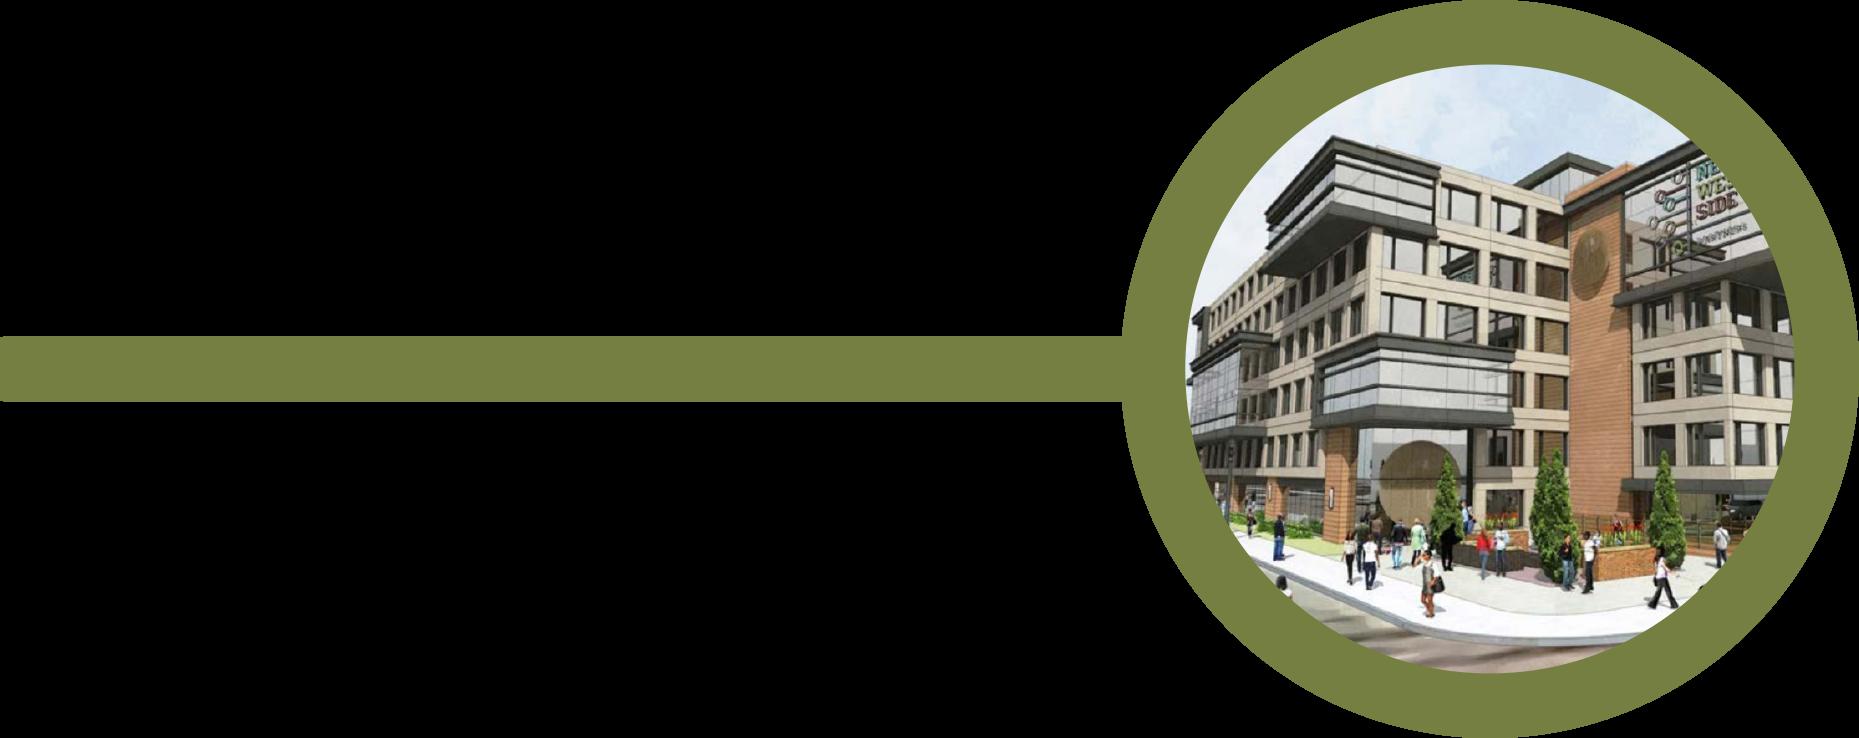 OZ-Circle-Right(3).png